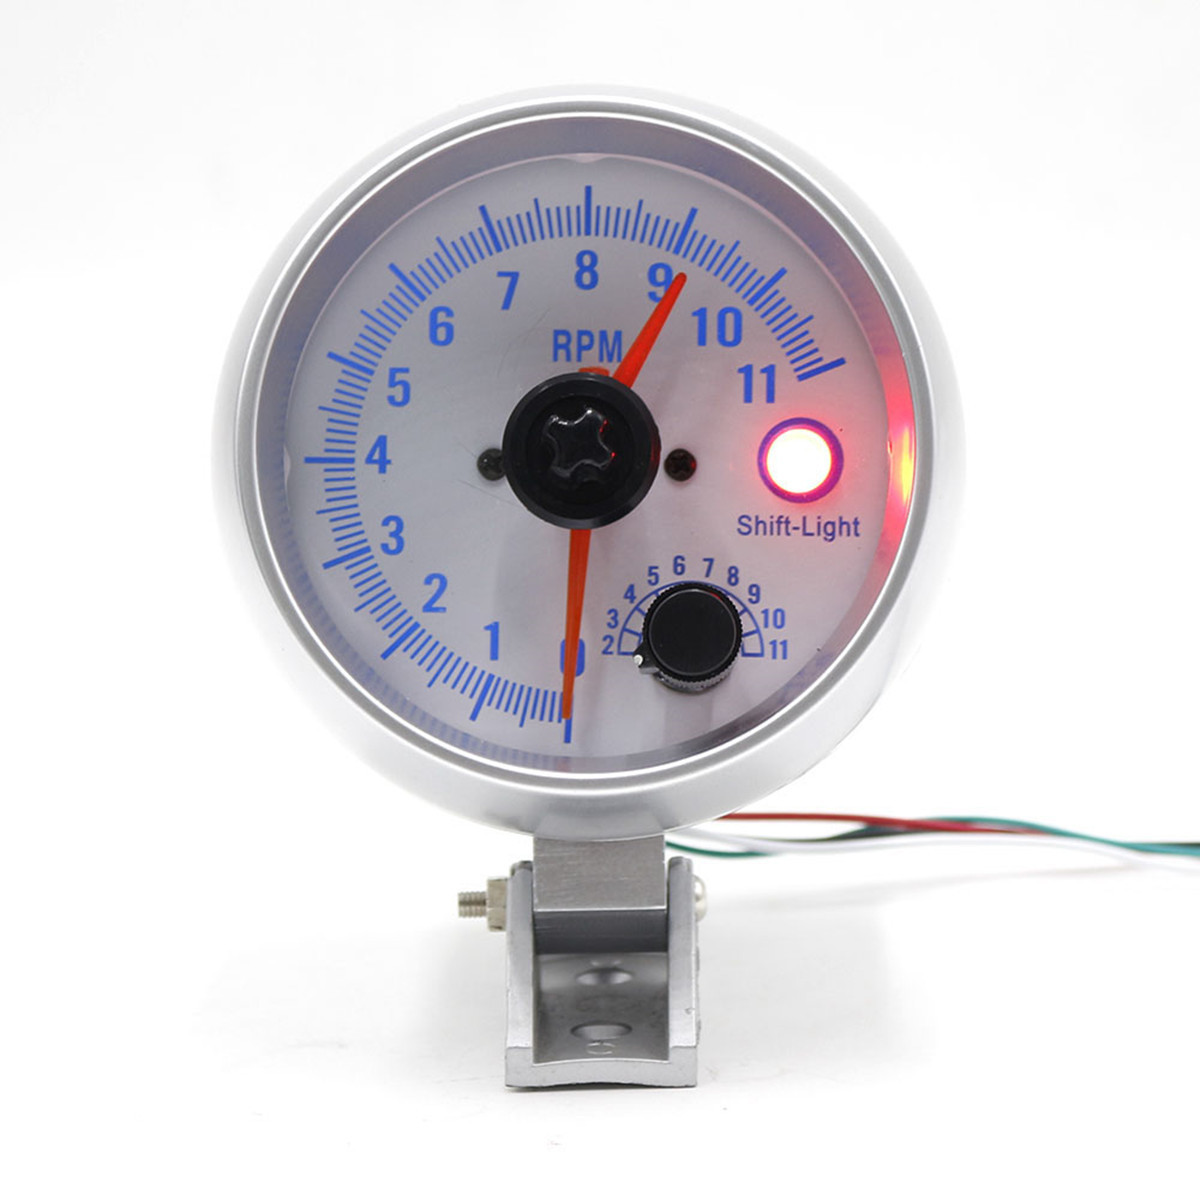 3,5 дюймов Авто LED Светодиодный индикатор тахометра тахометра Шаг Мотор 0-11000 об/мин 1TopShop